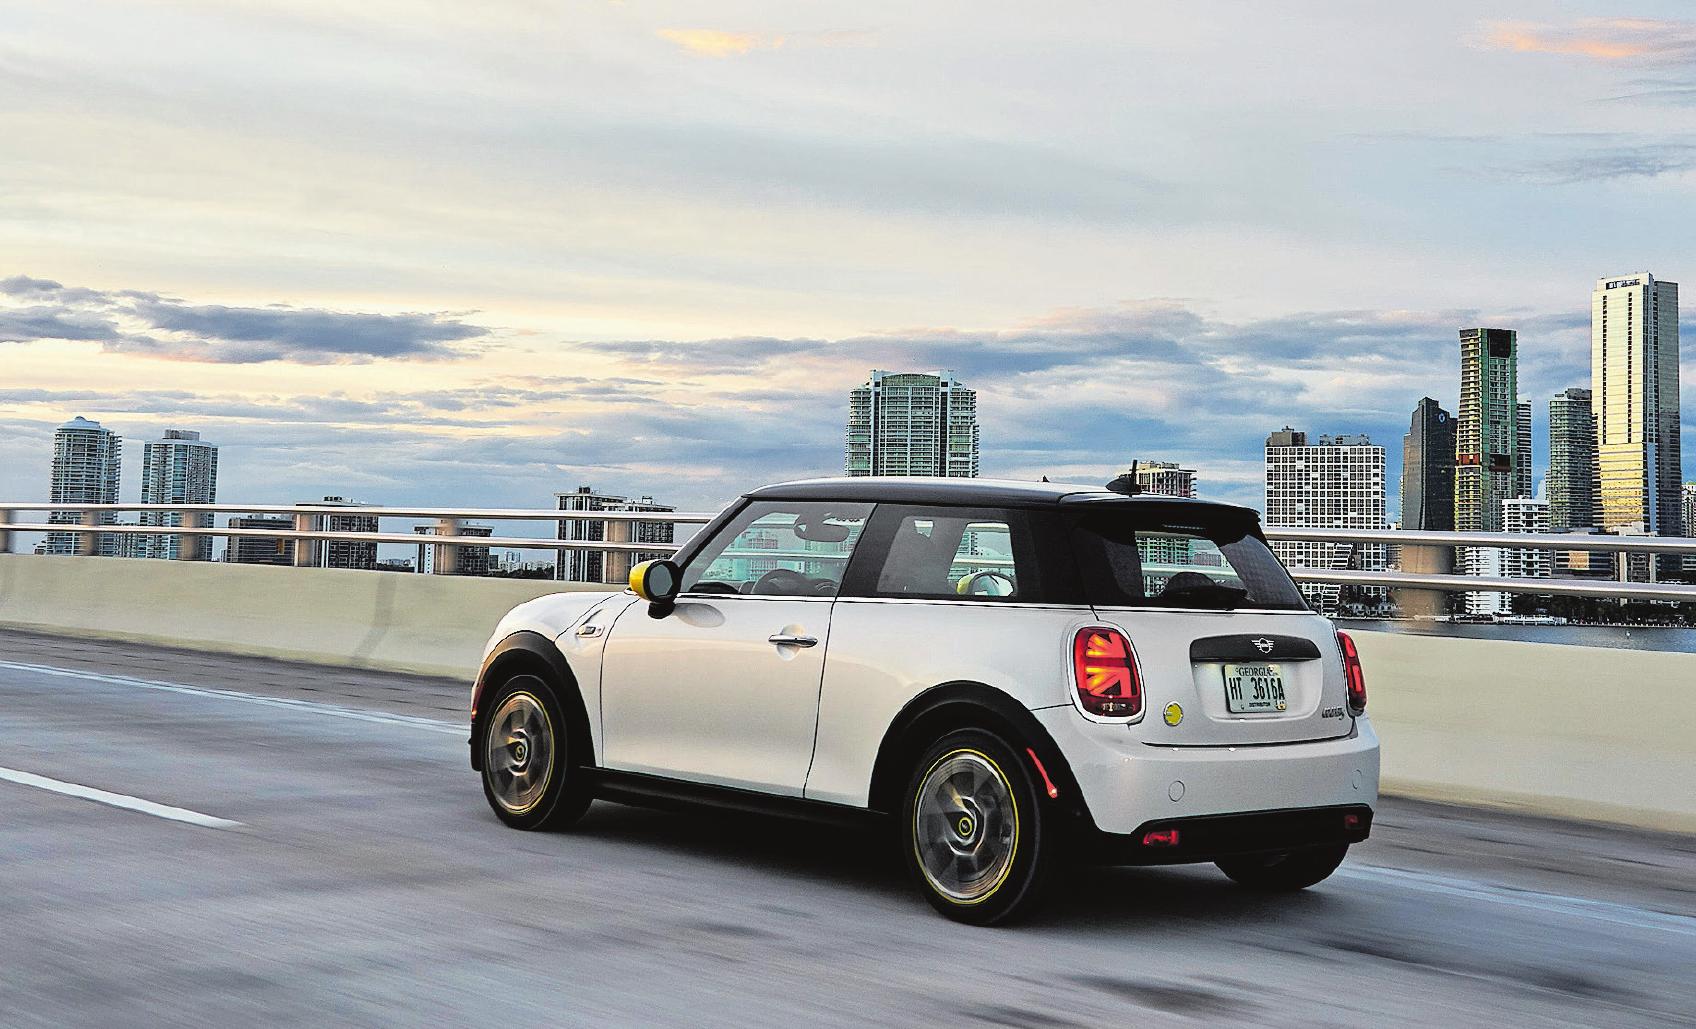 Im urbanen Umfeld fühlt er sich wohl: Der Cooper SE auf ökologisch fragwürdiger Probefahrt vor der Skyline von Miami. Bild: PD